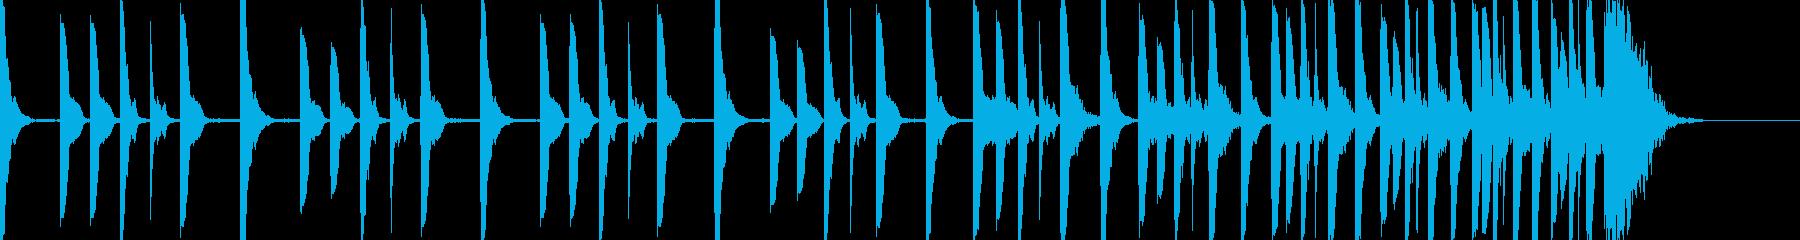 ハラハラドキドキ シンキングタイム10秒の再生済みの波形